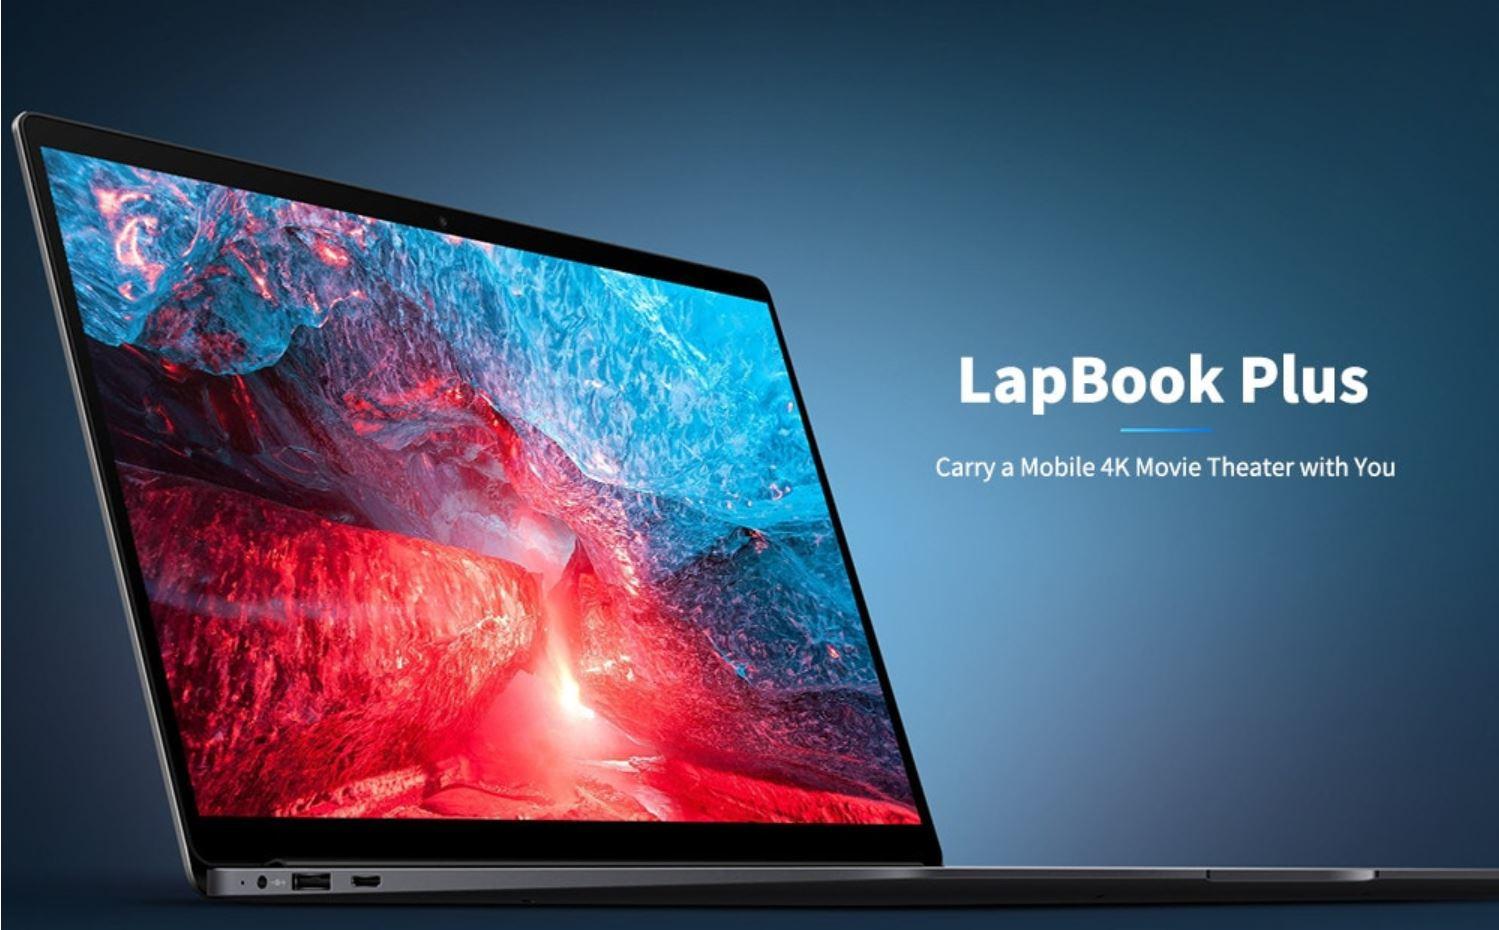 Sconto a 393 euro per CHUWI LapBook Plus 15.6, il notebook per creativi con schermo 4K